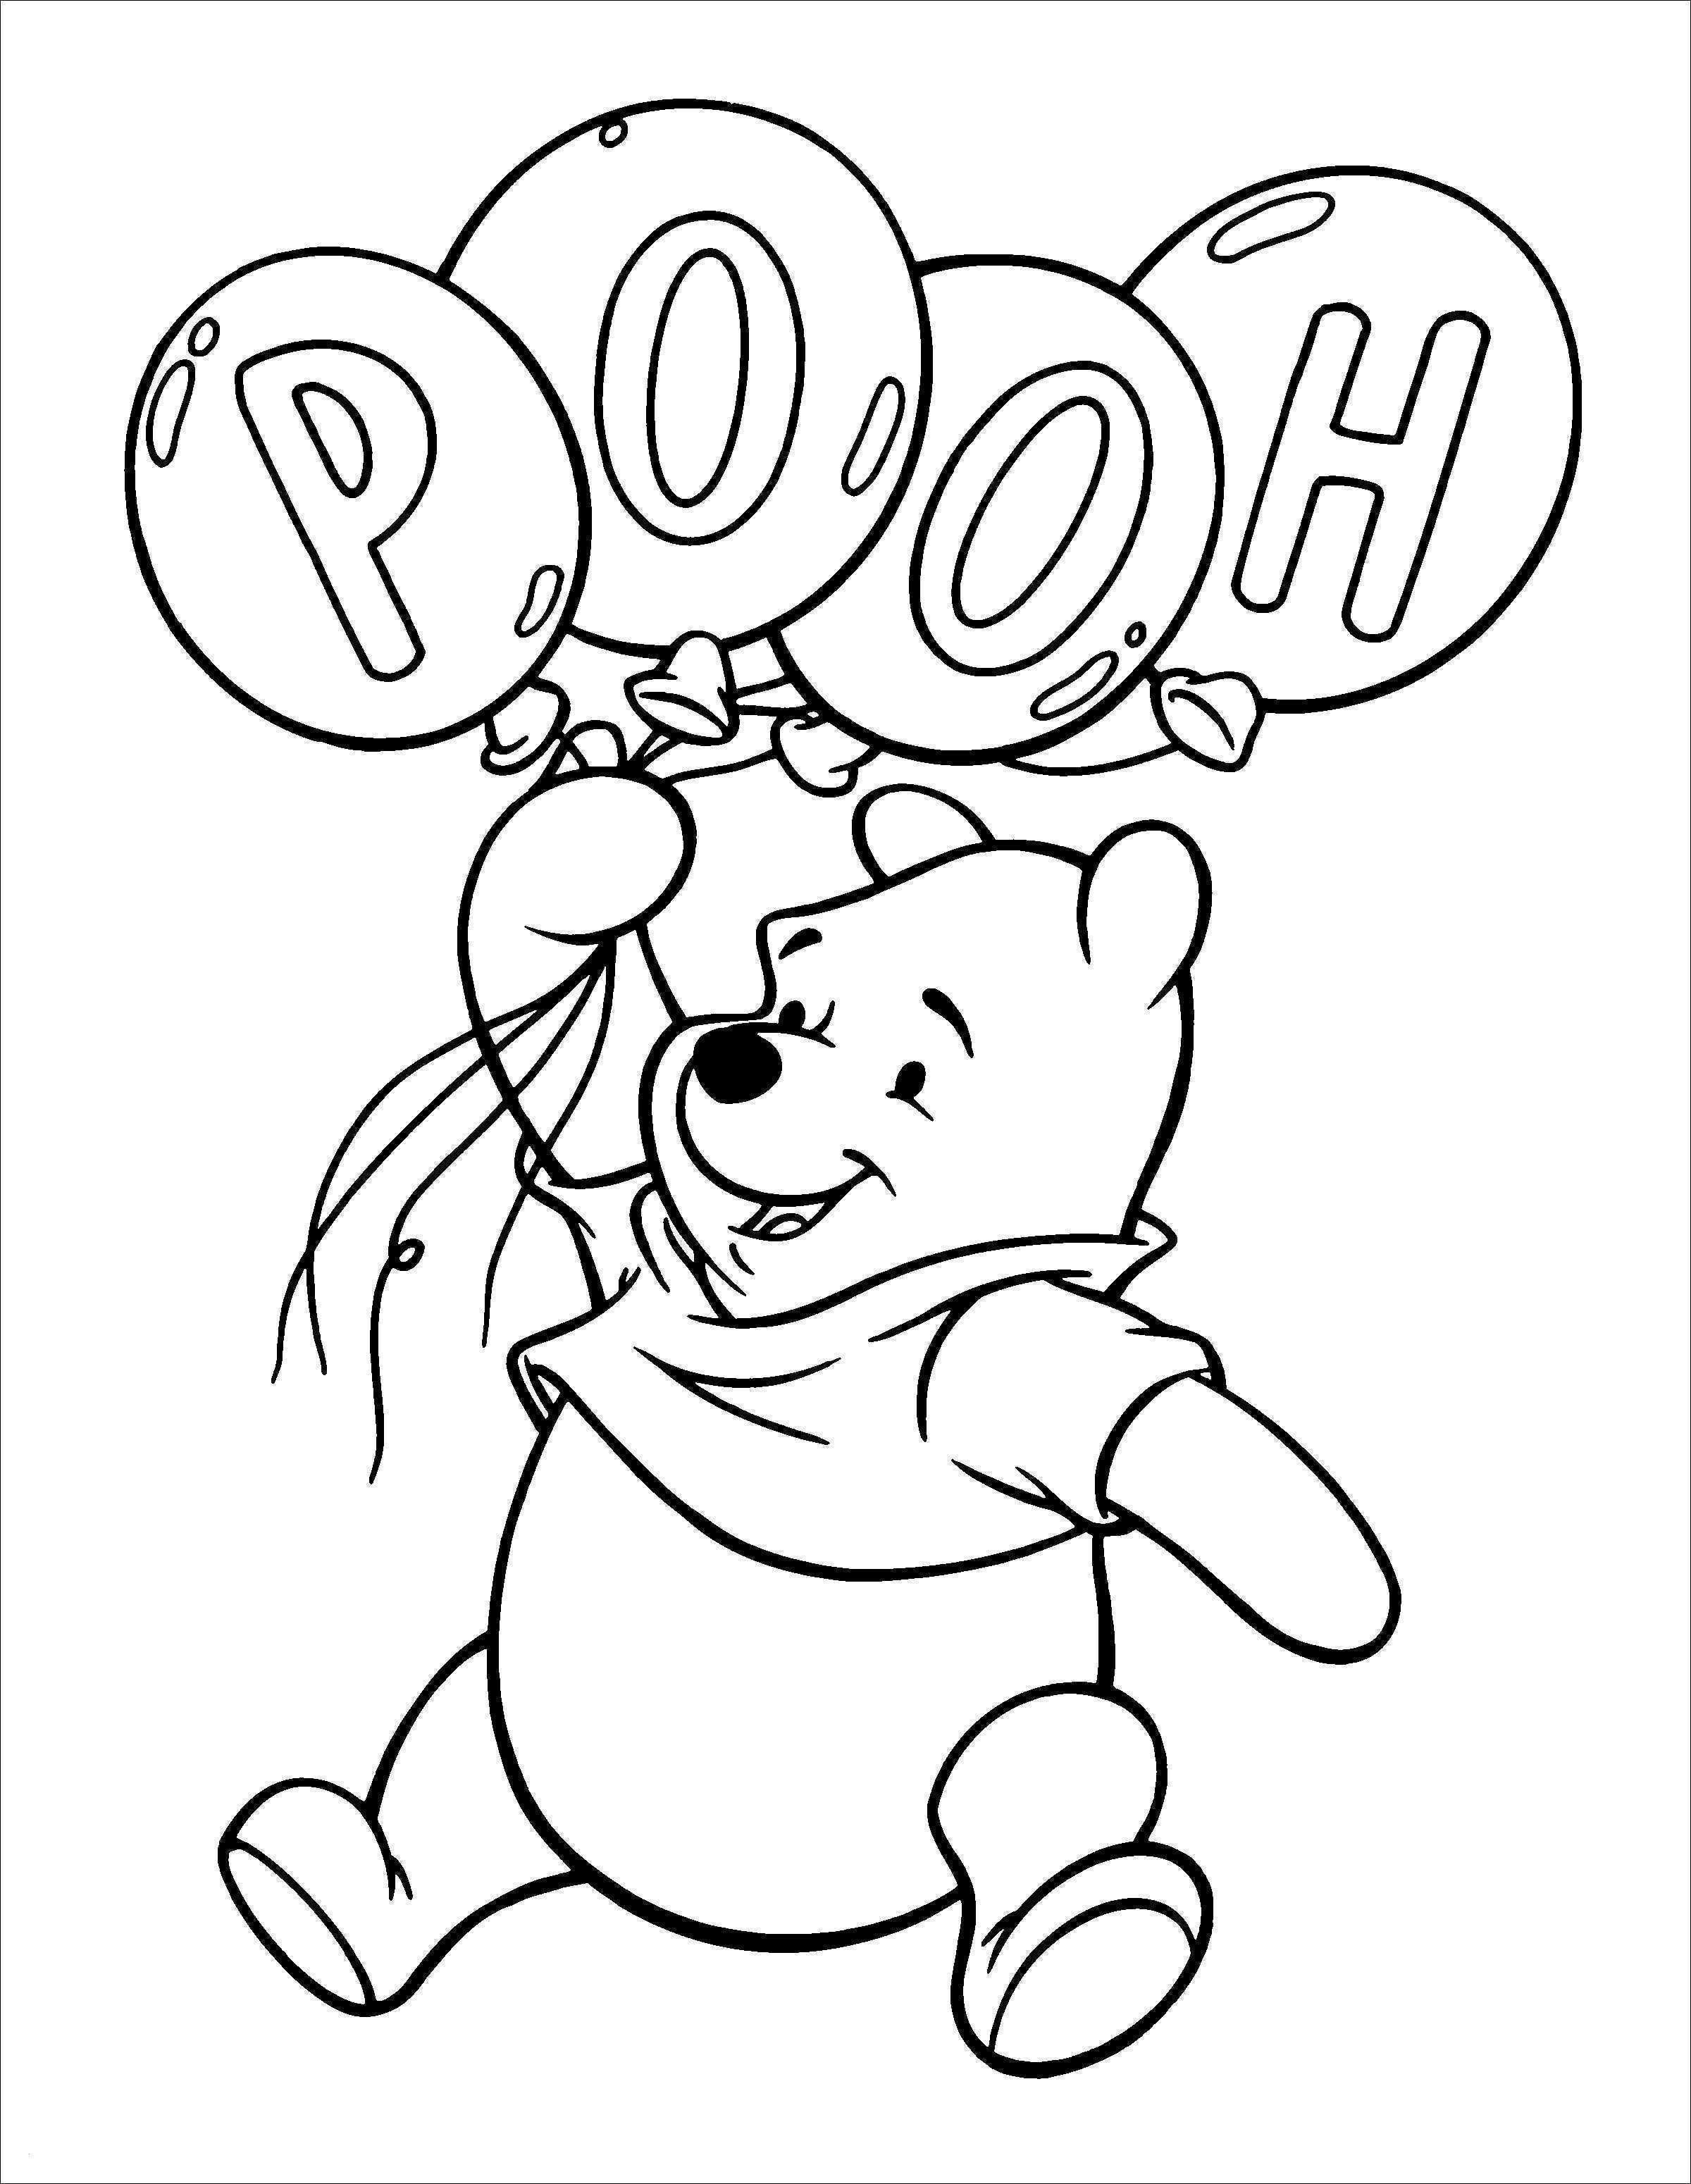 Winni Pooh Ausmalbilder Einzigartig Winnie Pooh Bilder Zum Ausmalen Gemälde Bayern Ausmalbilder Neu Igel Galerie